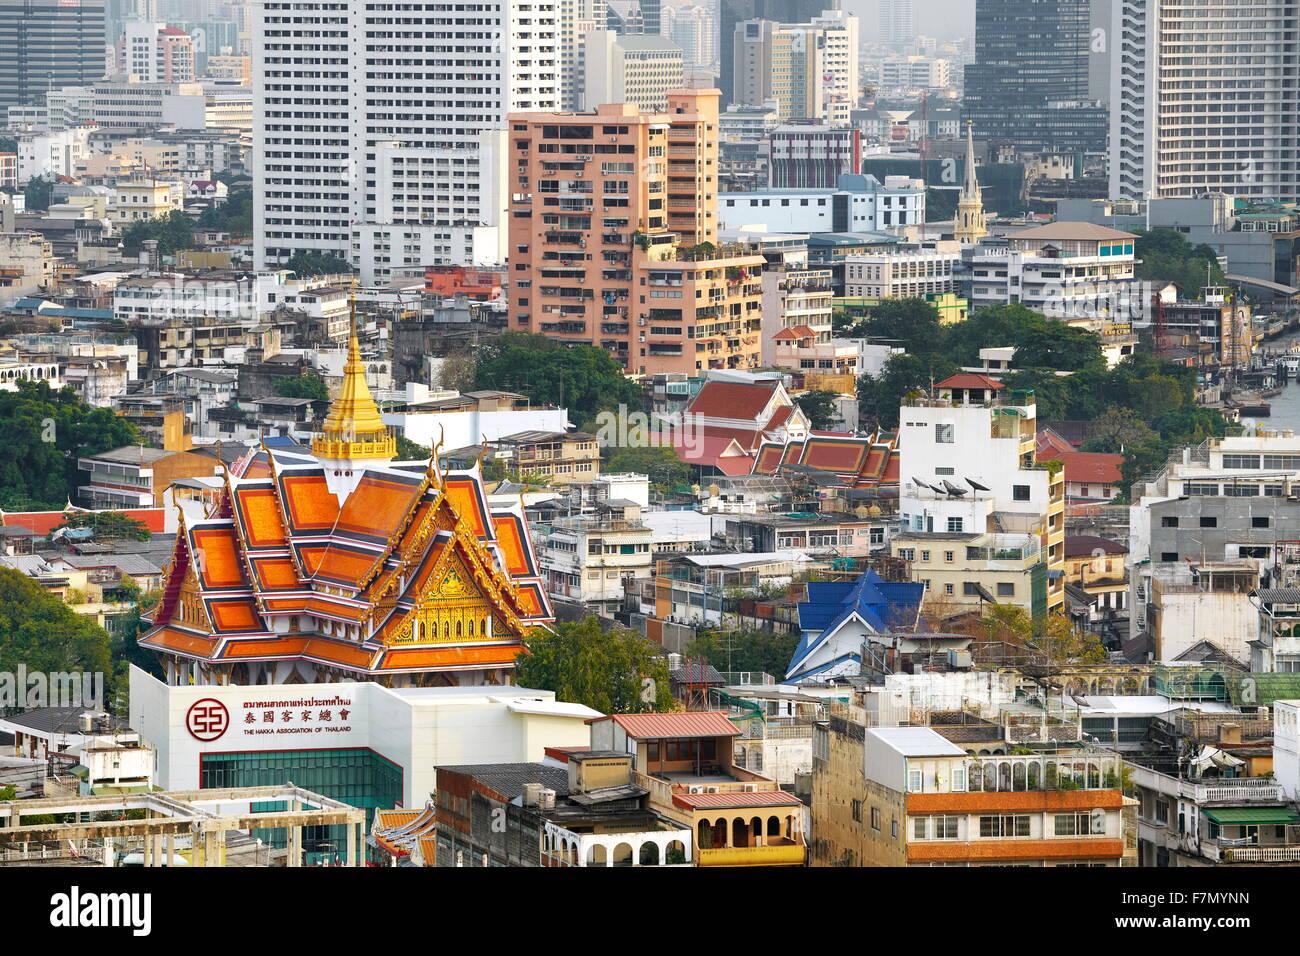 Bangkok city, view from The Grand China Princess Hotel, Bangkok, Thailand - Stock Image